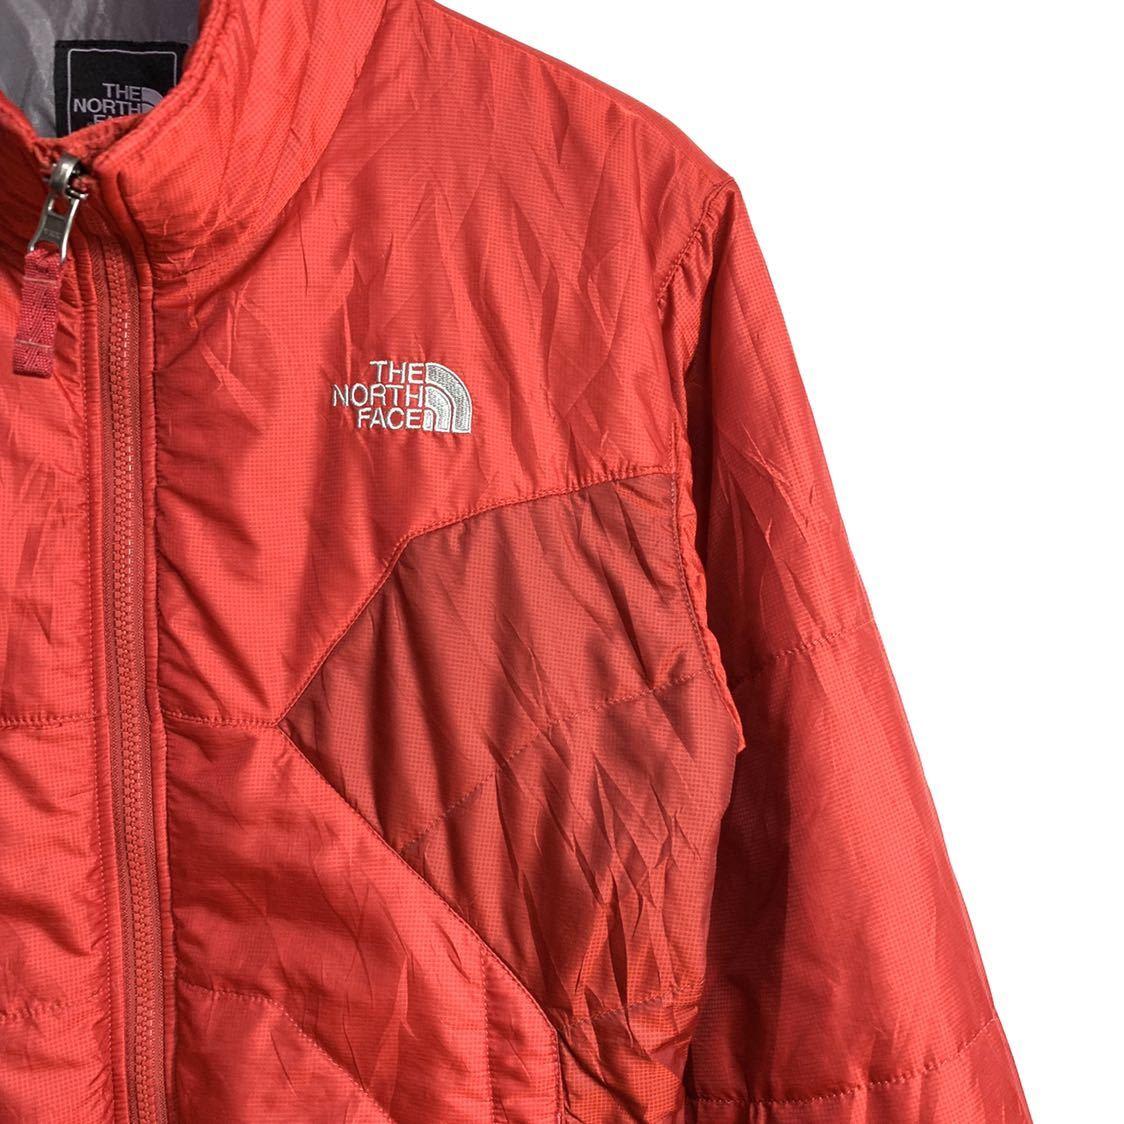 ■THE NORTH FACEノースフェイスナイロン中綿ジャケットサイズS赤レッド古着アウトドア■_画像3